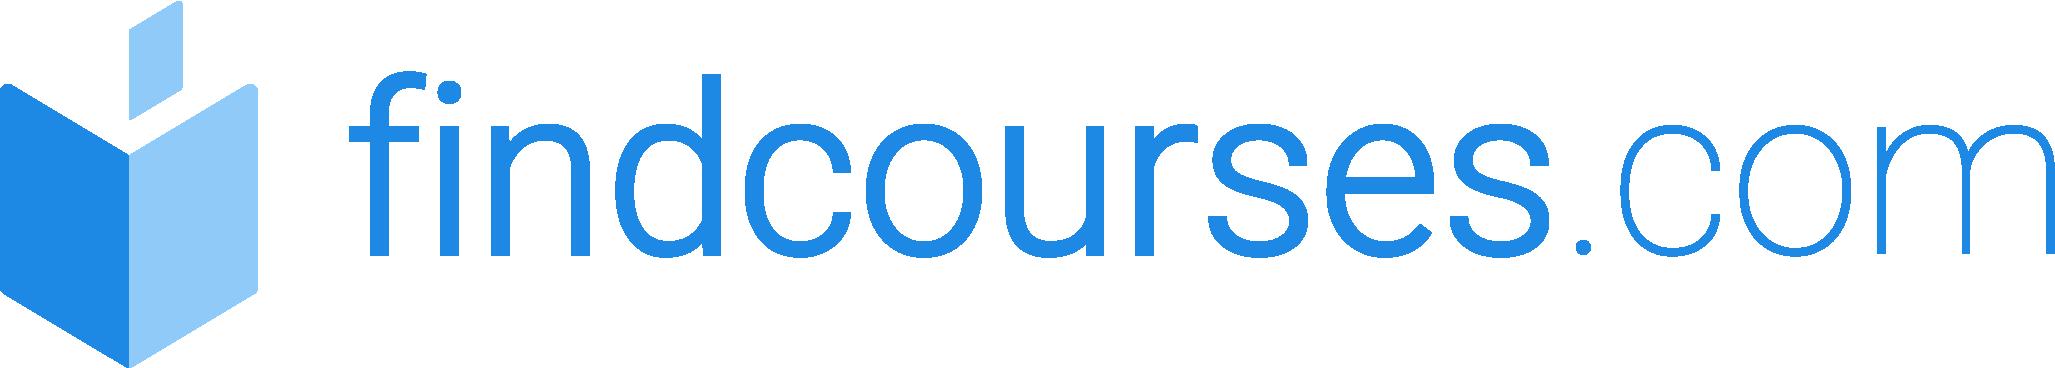 findcourses.com_logo